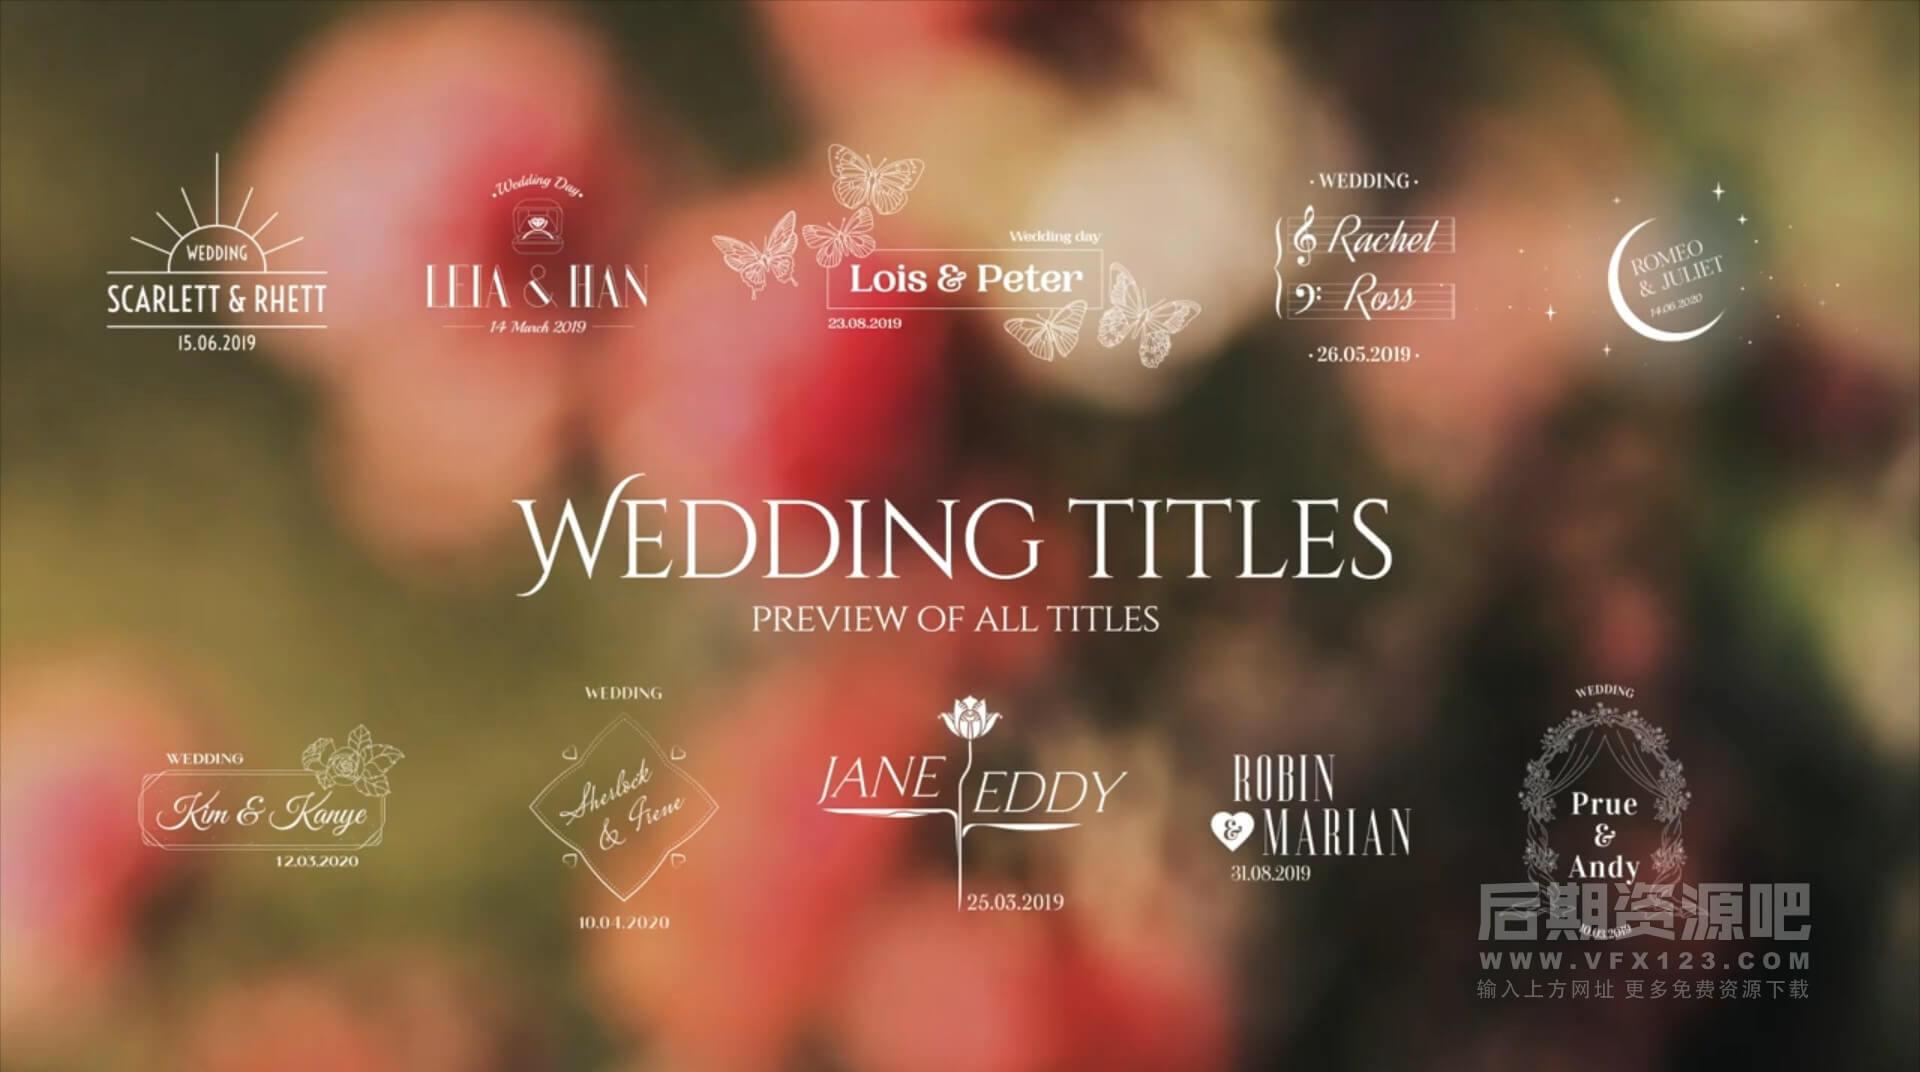 FCPX标题插件 50种浪漫小清新婚礼文字标题动画 Wedding Titles